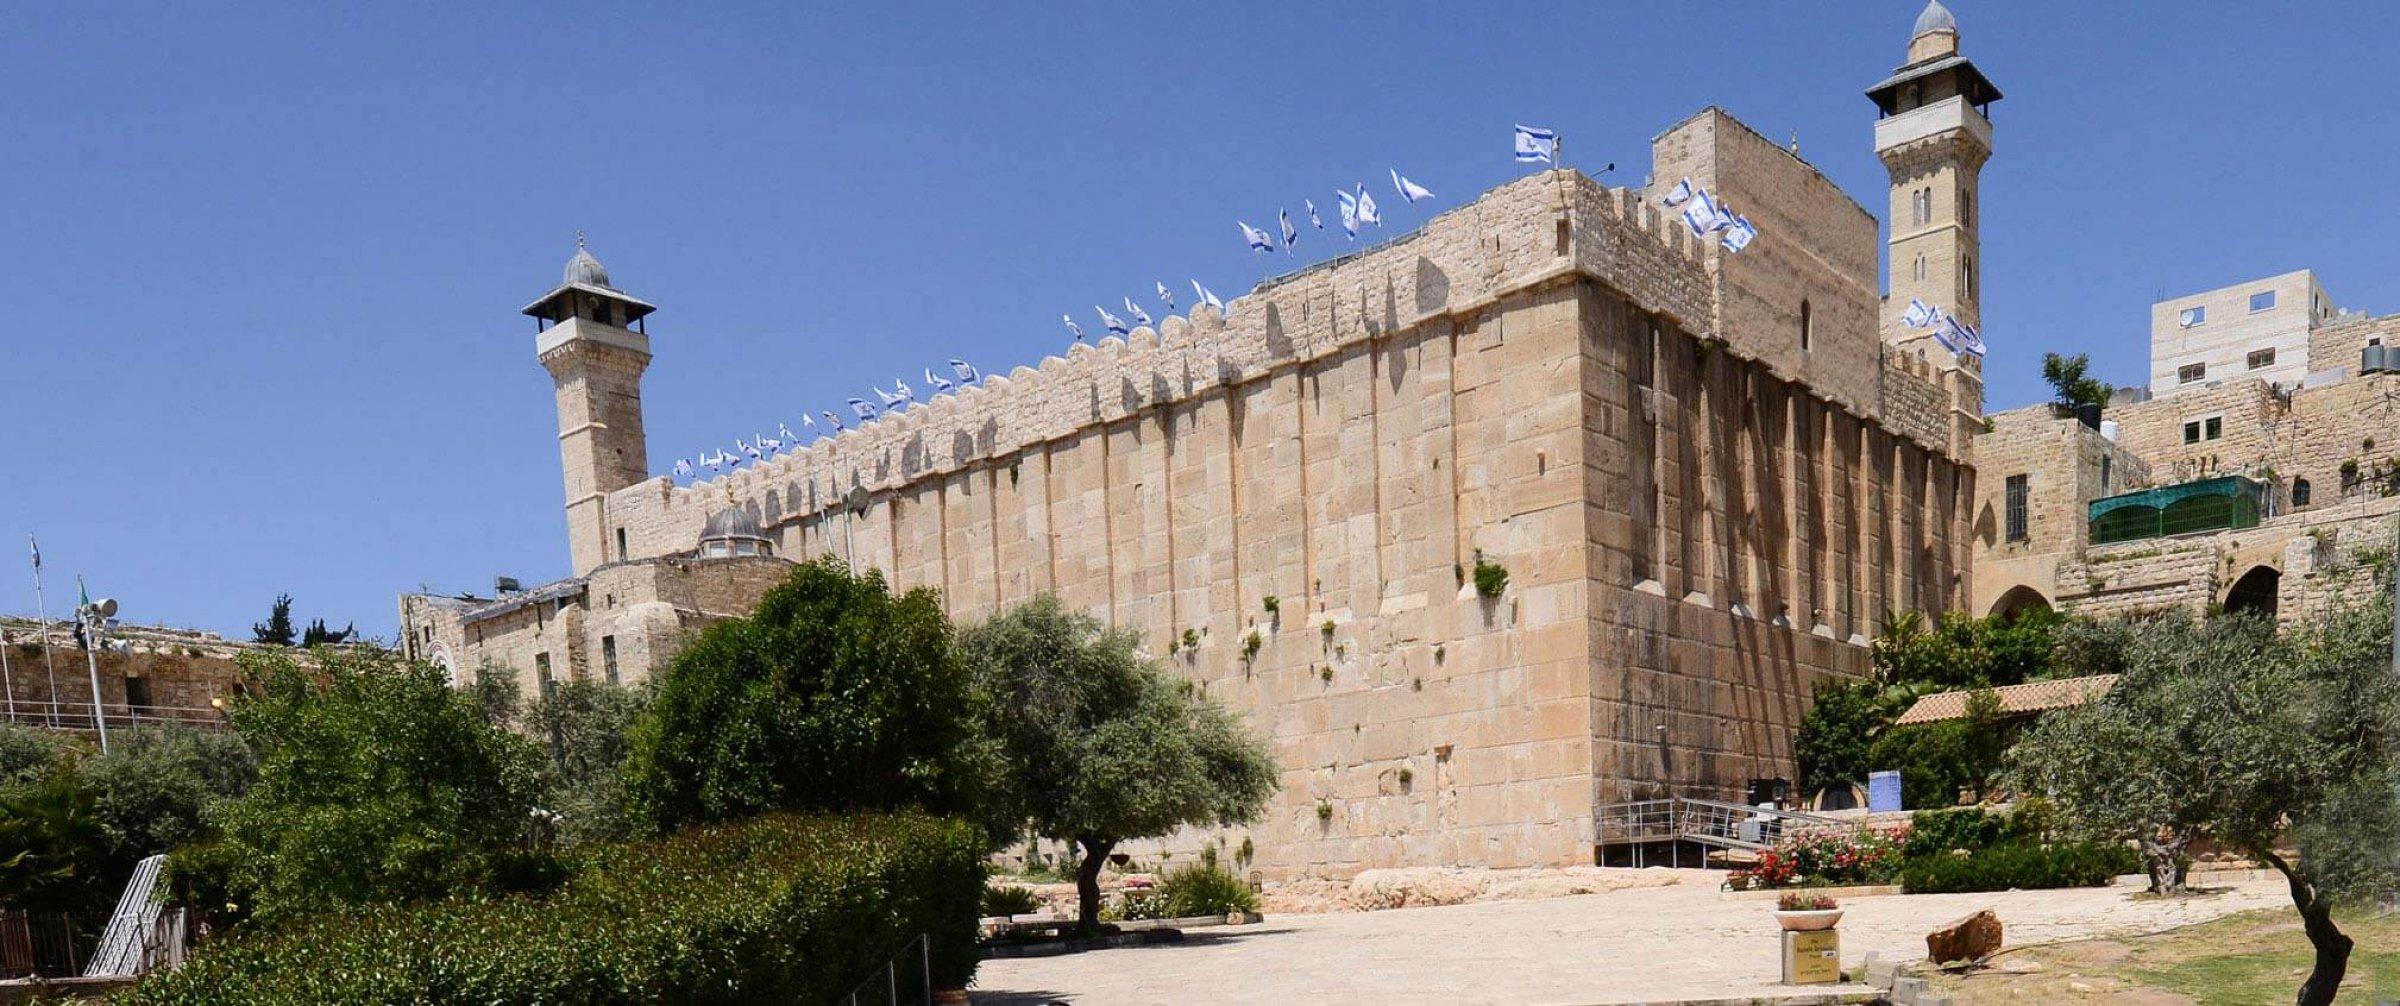 Front of Maarat Hamachpela, Rochel Berkowitz Plaza